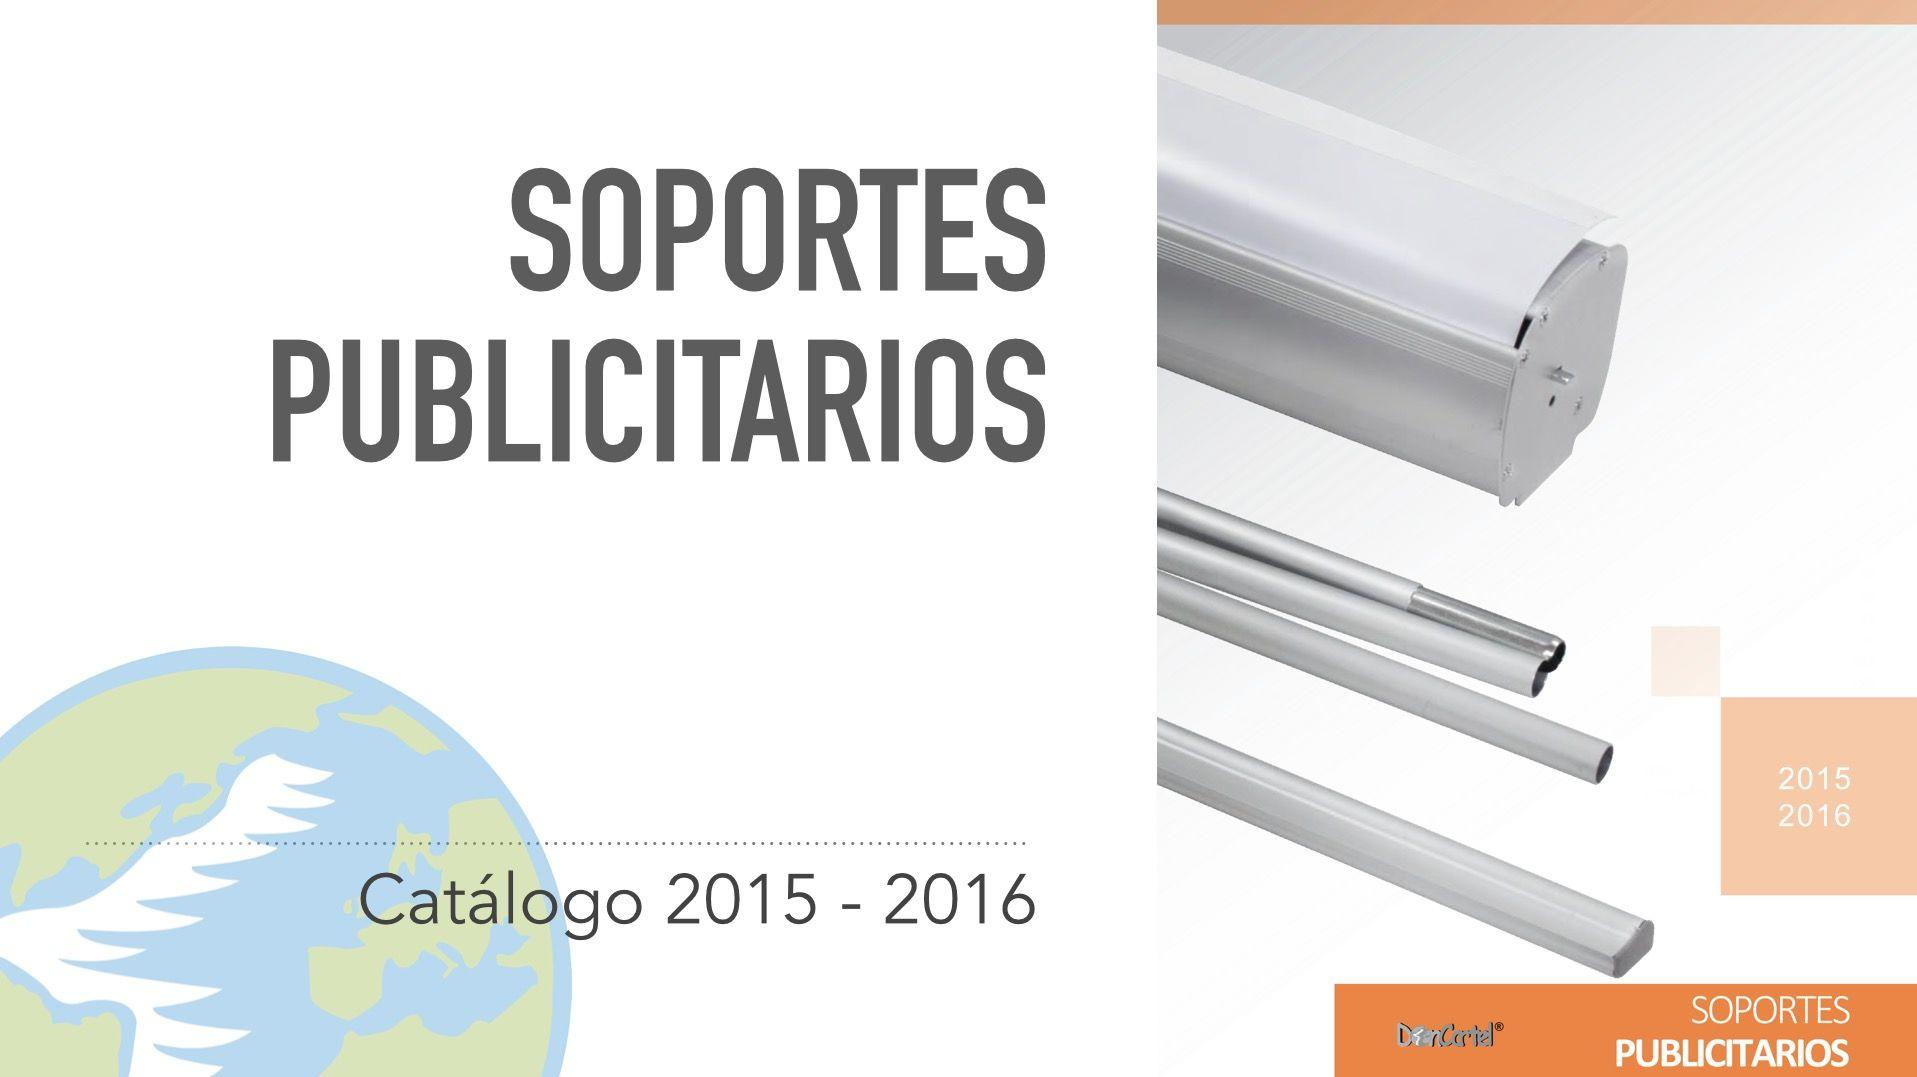 Soportes Publicitarios 1 nuevo video catálogo